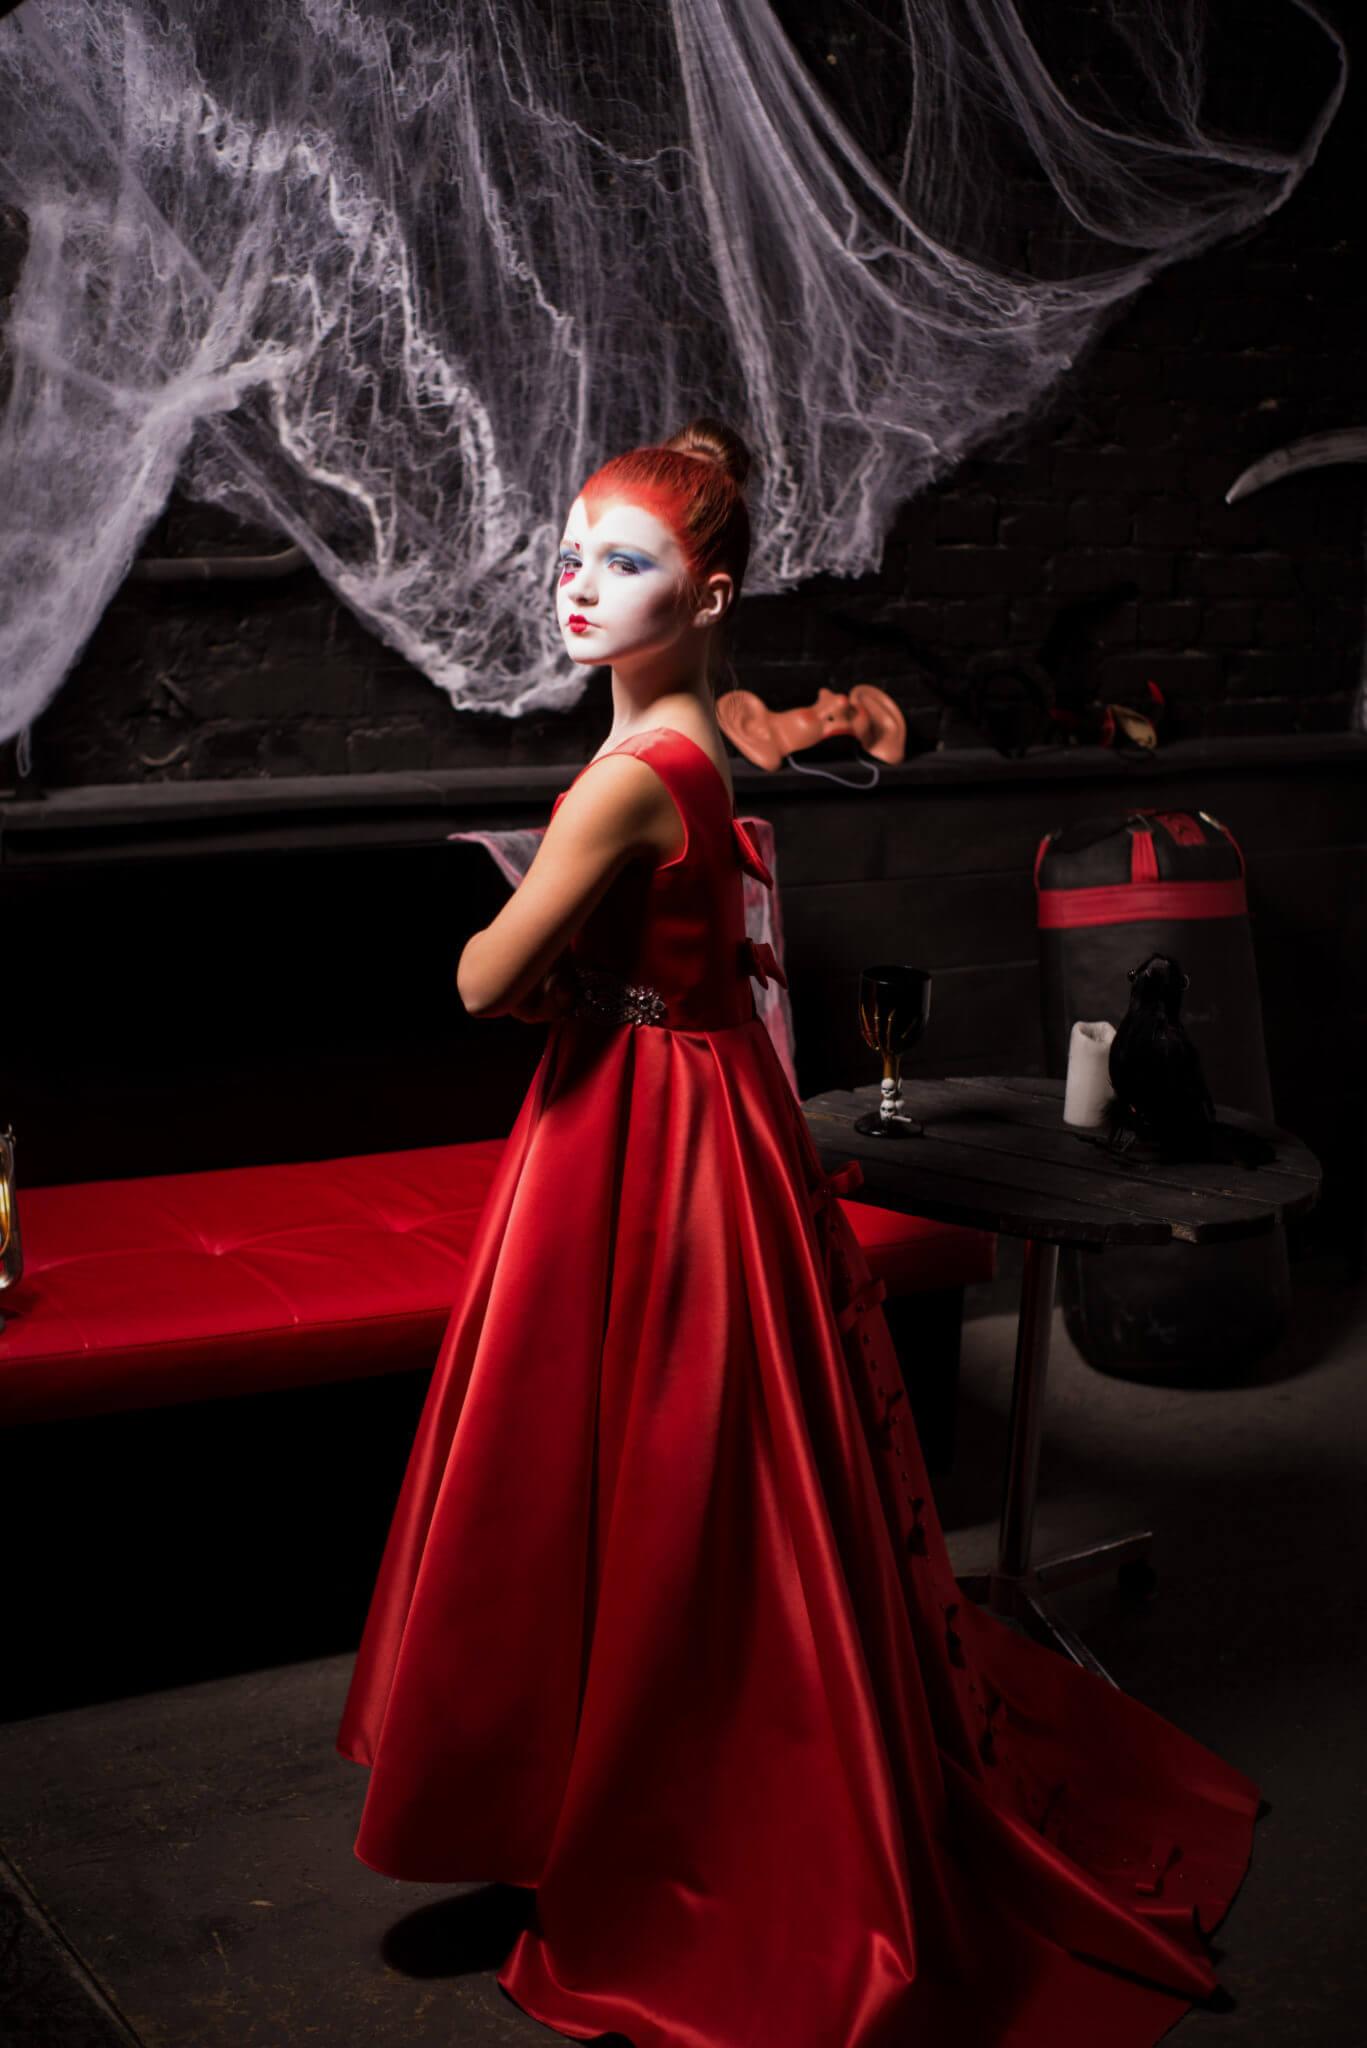 Фотосессия на Хэллоуин, ph Постникова Алиса, девочка в красном платье на фоне черной стены и паутины